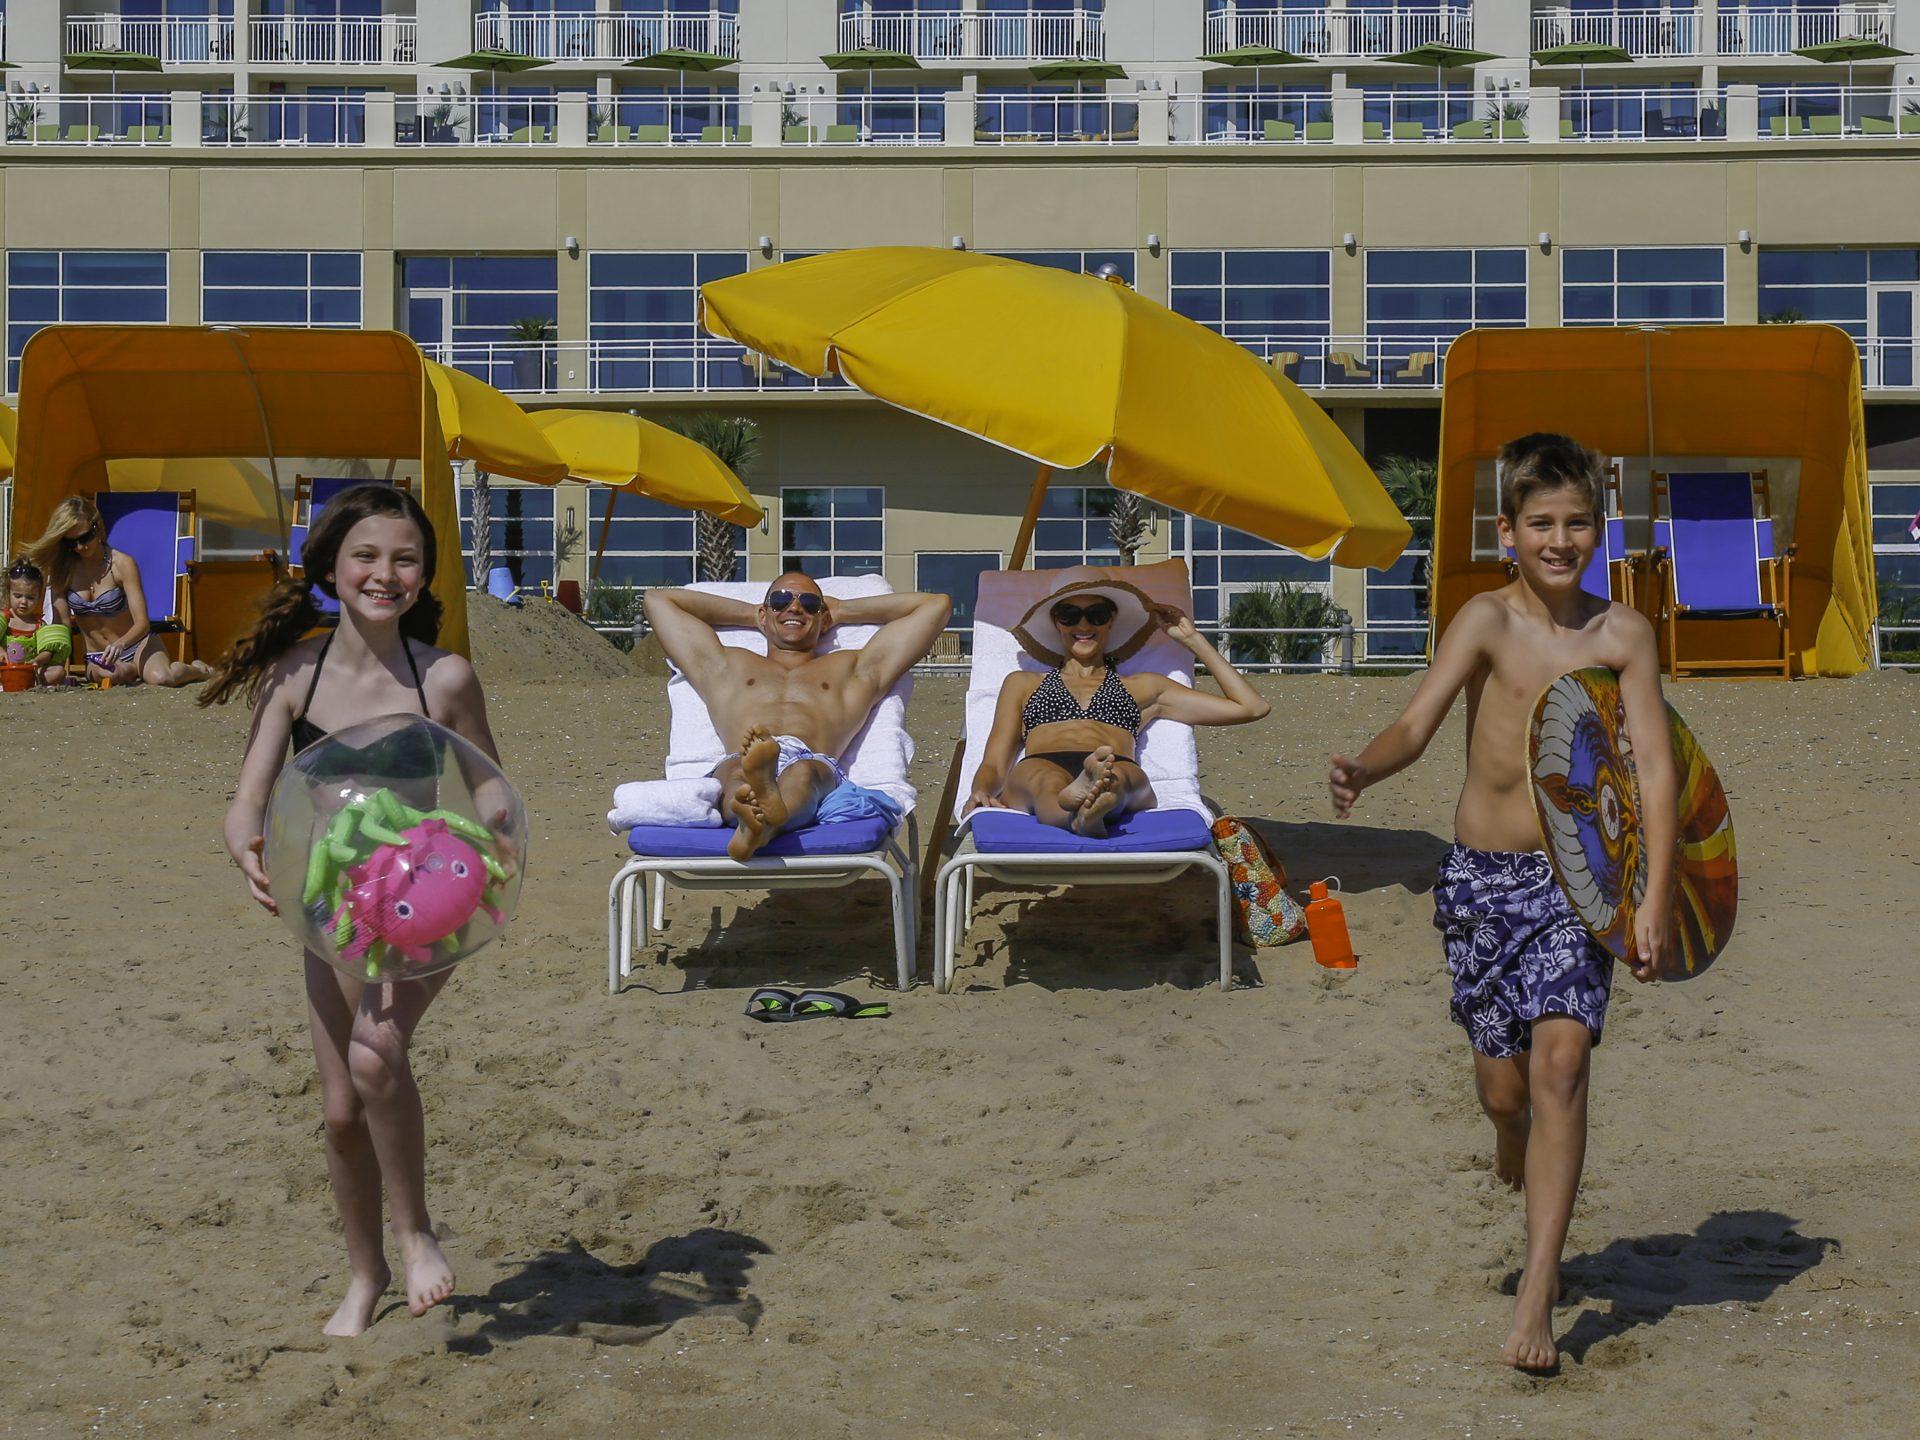 va beach oceanfront hotels hilton garden inn virginia beach